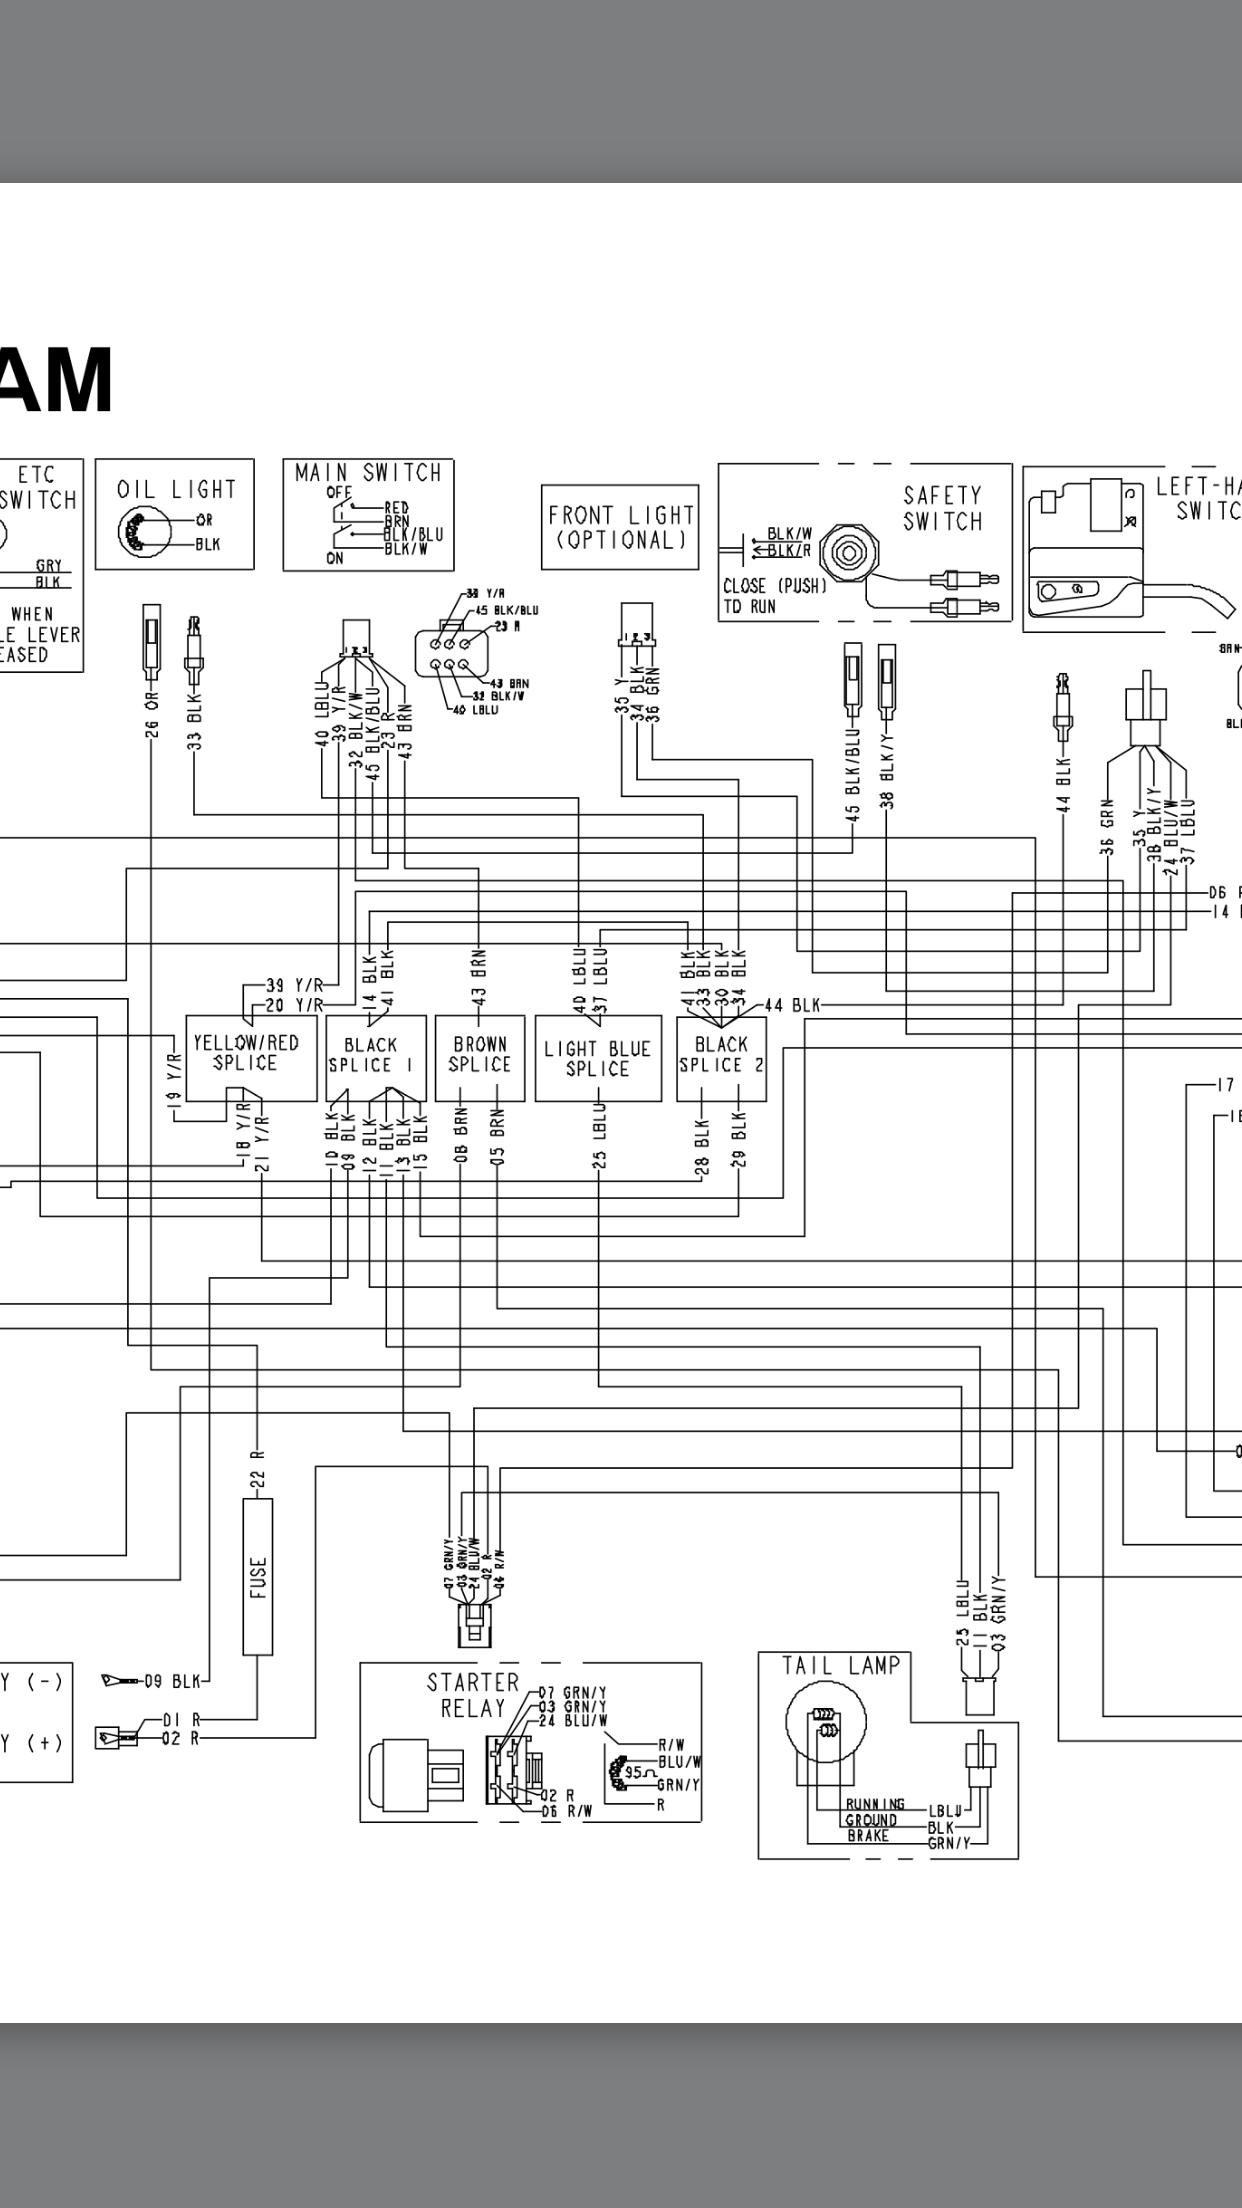 hight resolution of 2001 polaris scrambler wiring diagram 1997 polaris 500 scrambler wiring diagram